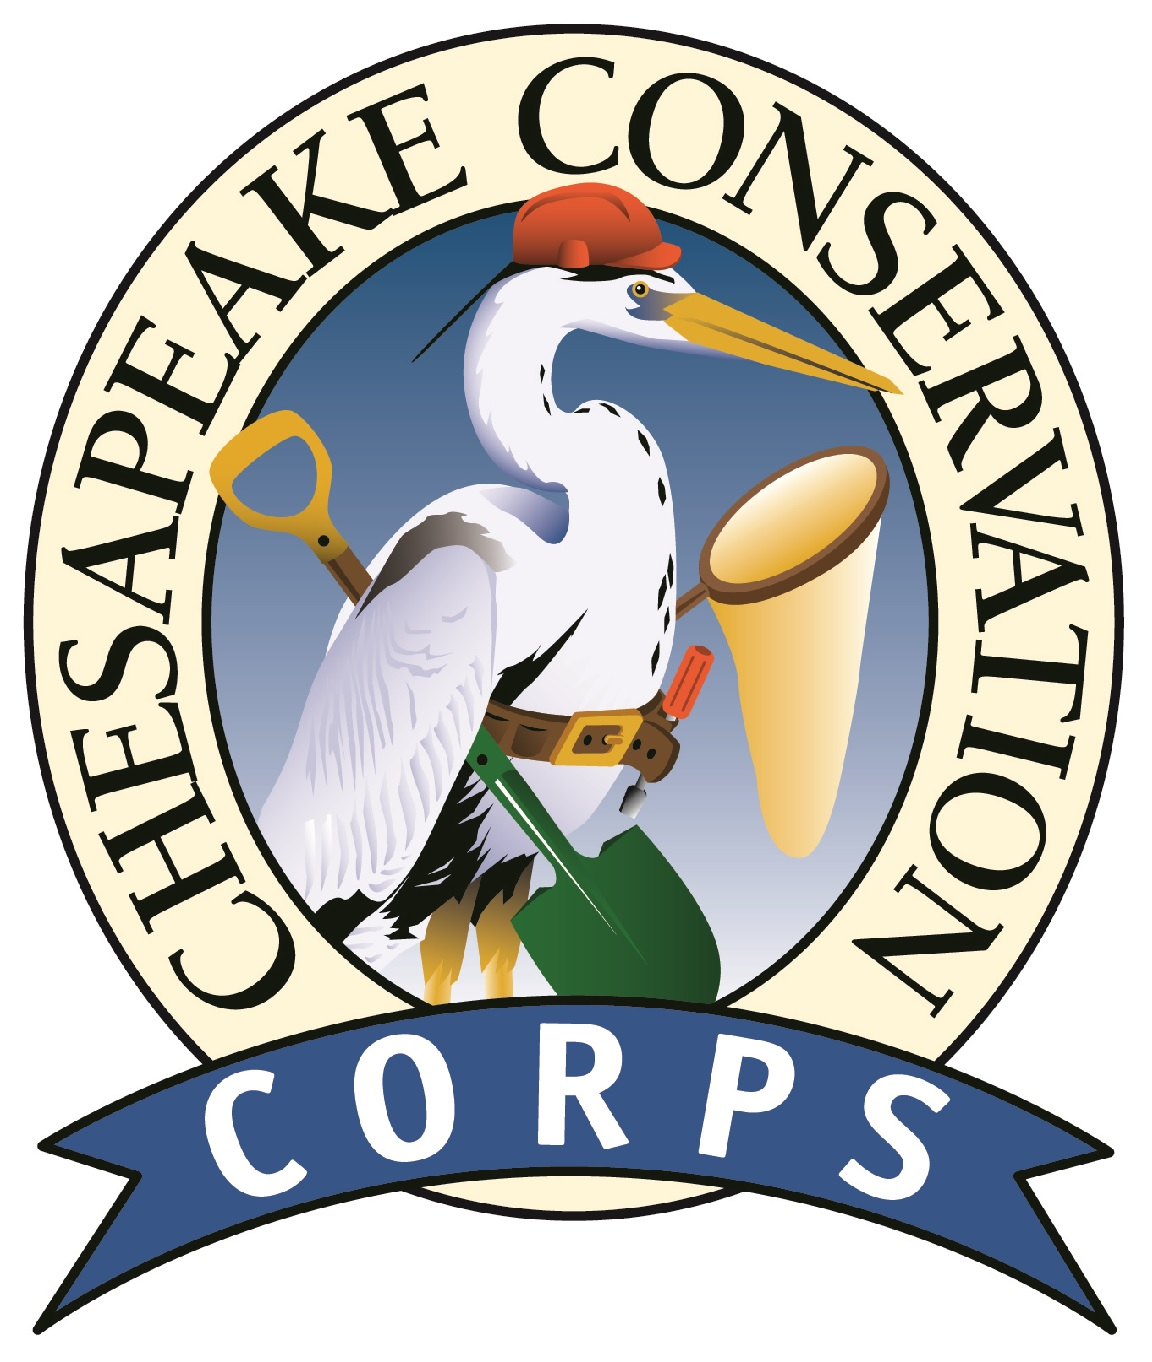 CBT_CCC_Logo.jpg